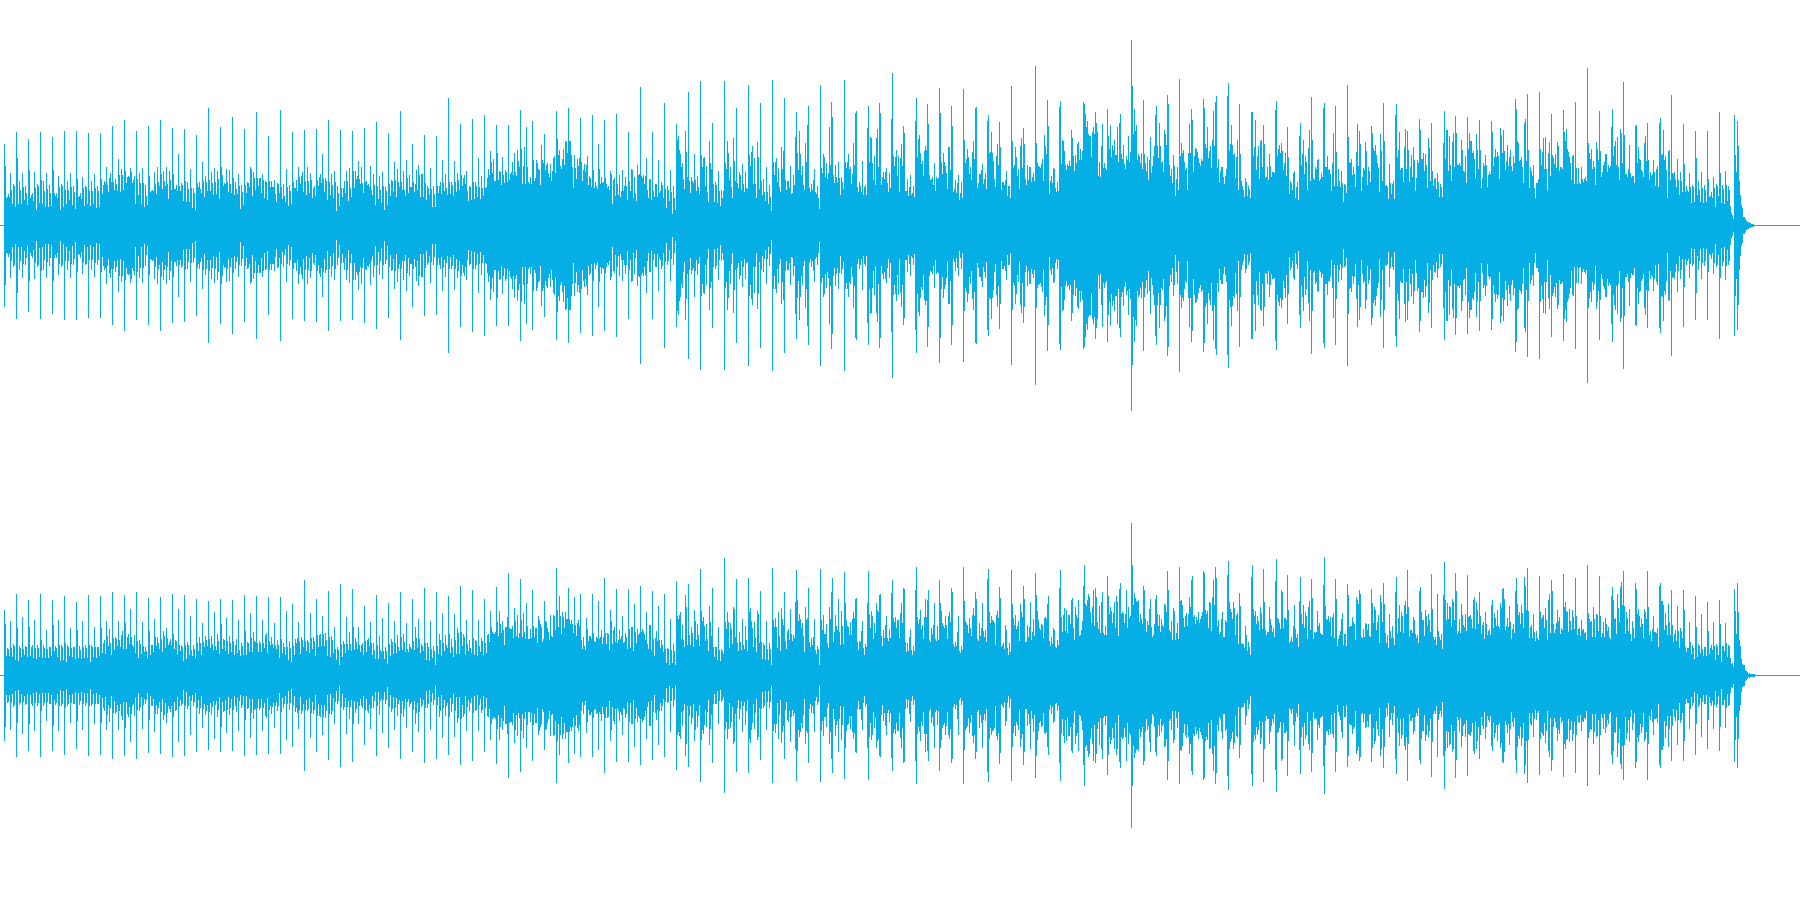 テクノ/ニューエイジ風ポップスの再生済みの波形